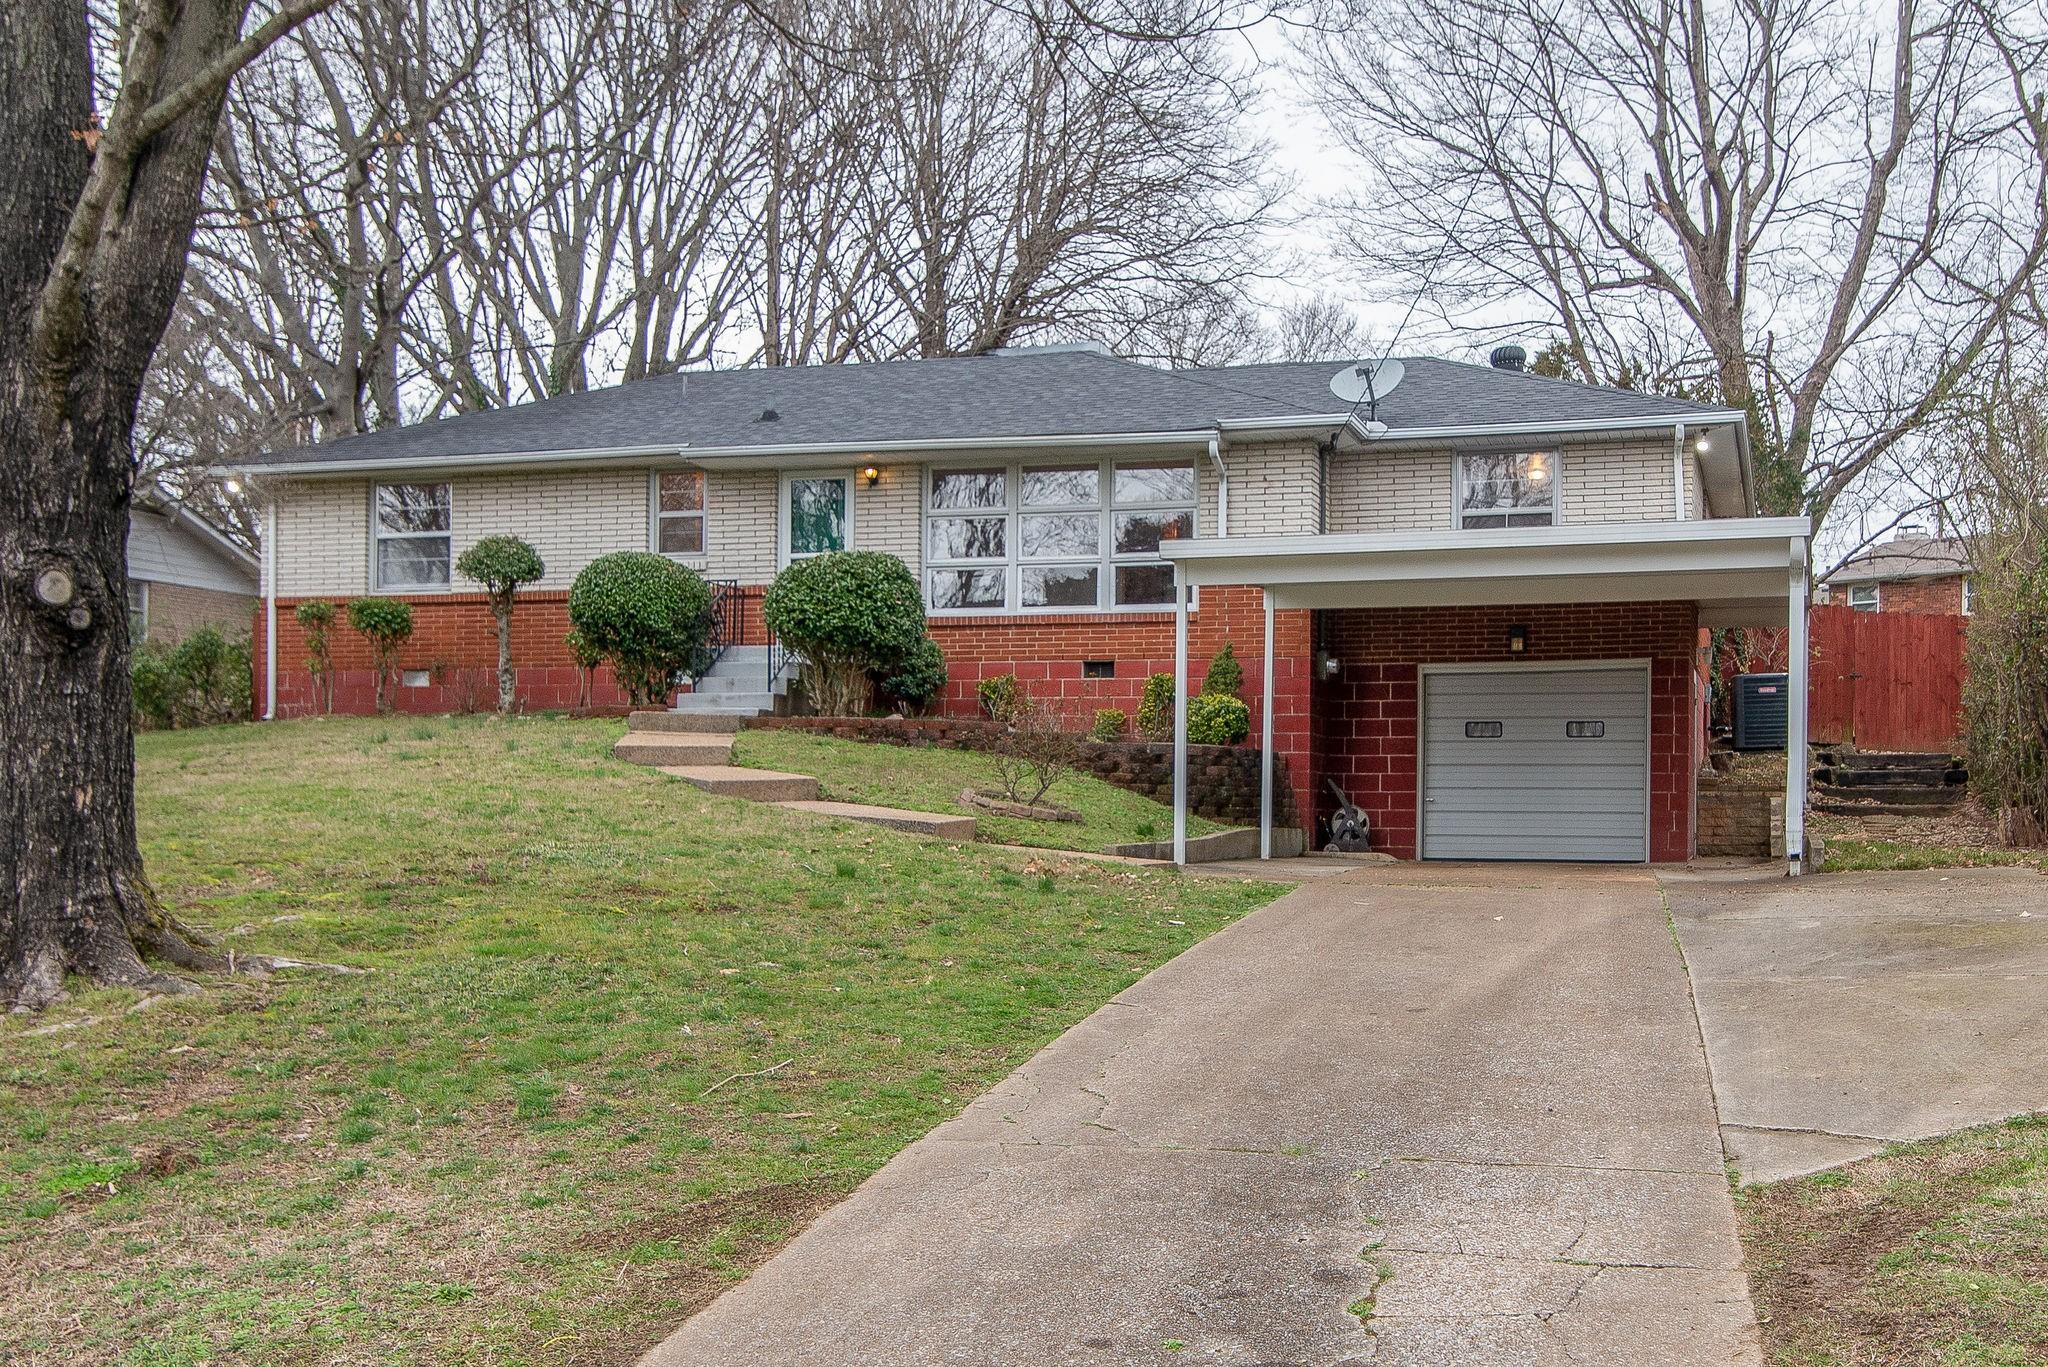 808 Winthorne Ct, Nashville, TN 37217 - Nashville, TN real estate listing